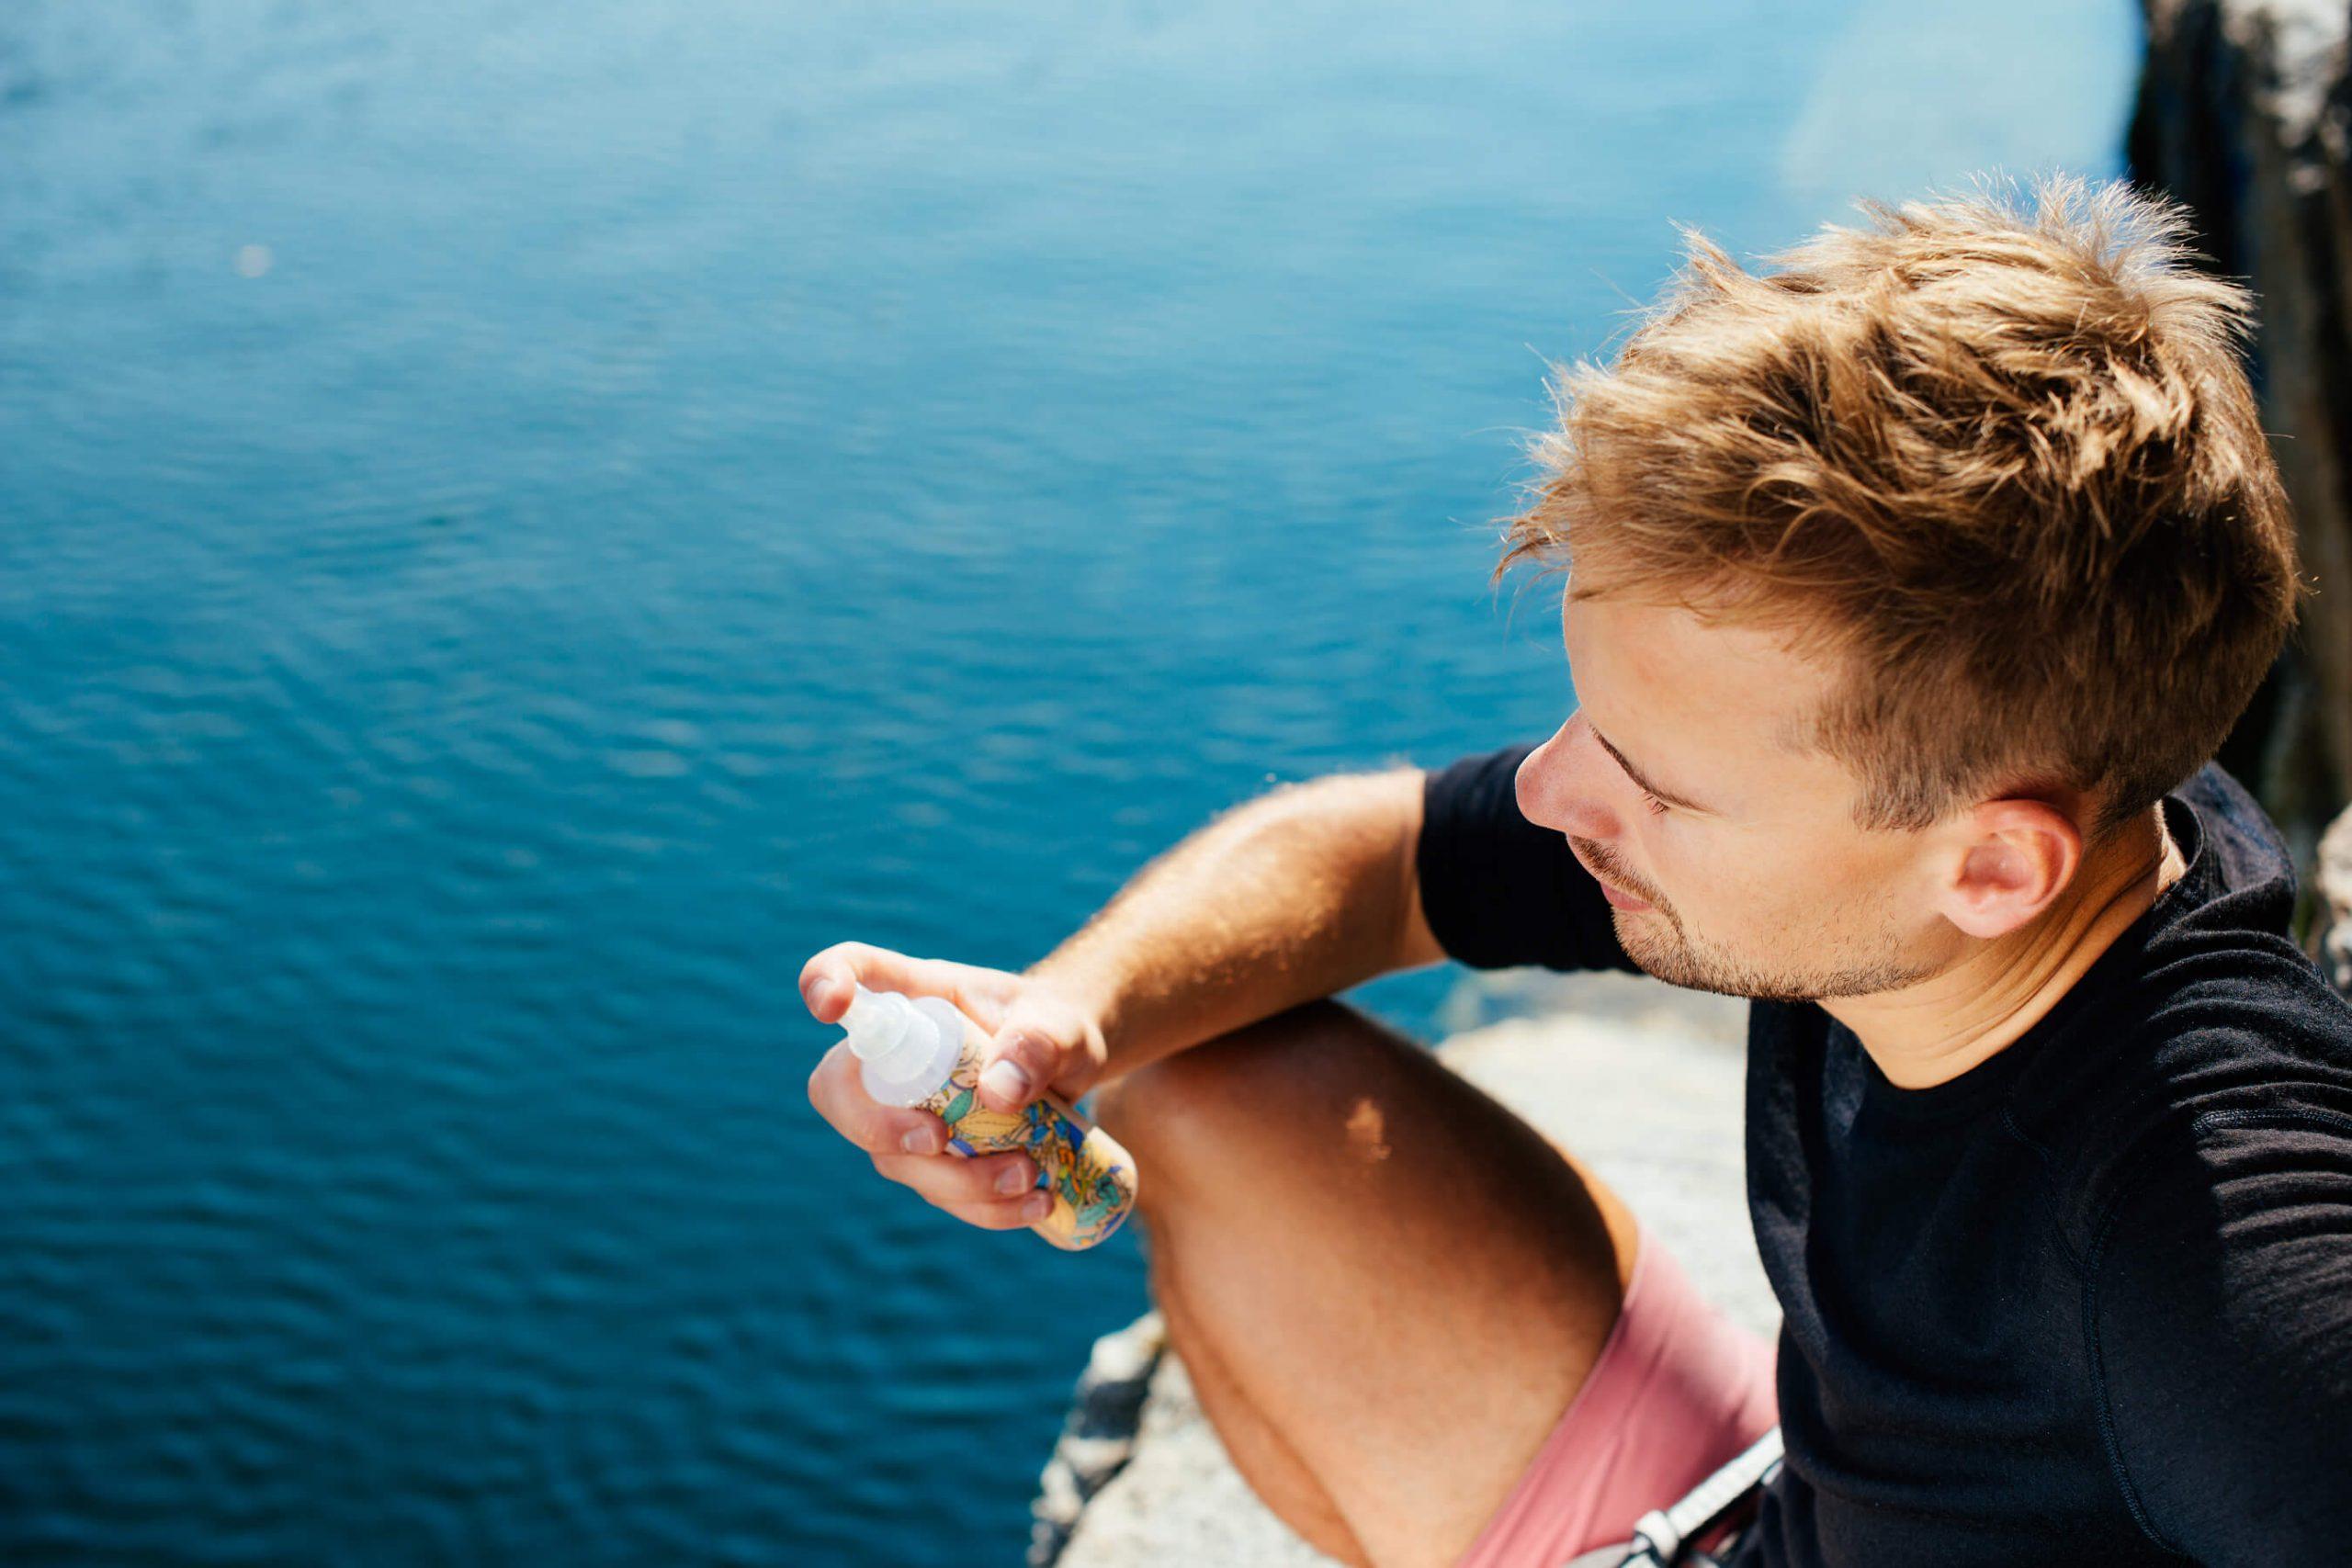 młody mężczyzna nad wodą trzyma tonik do twarzy resibo